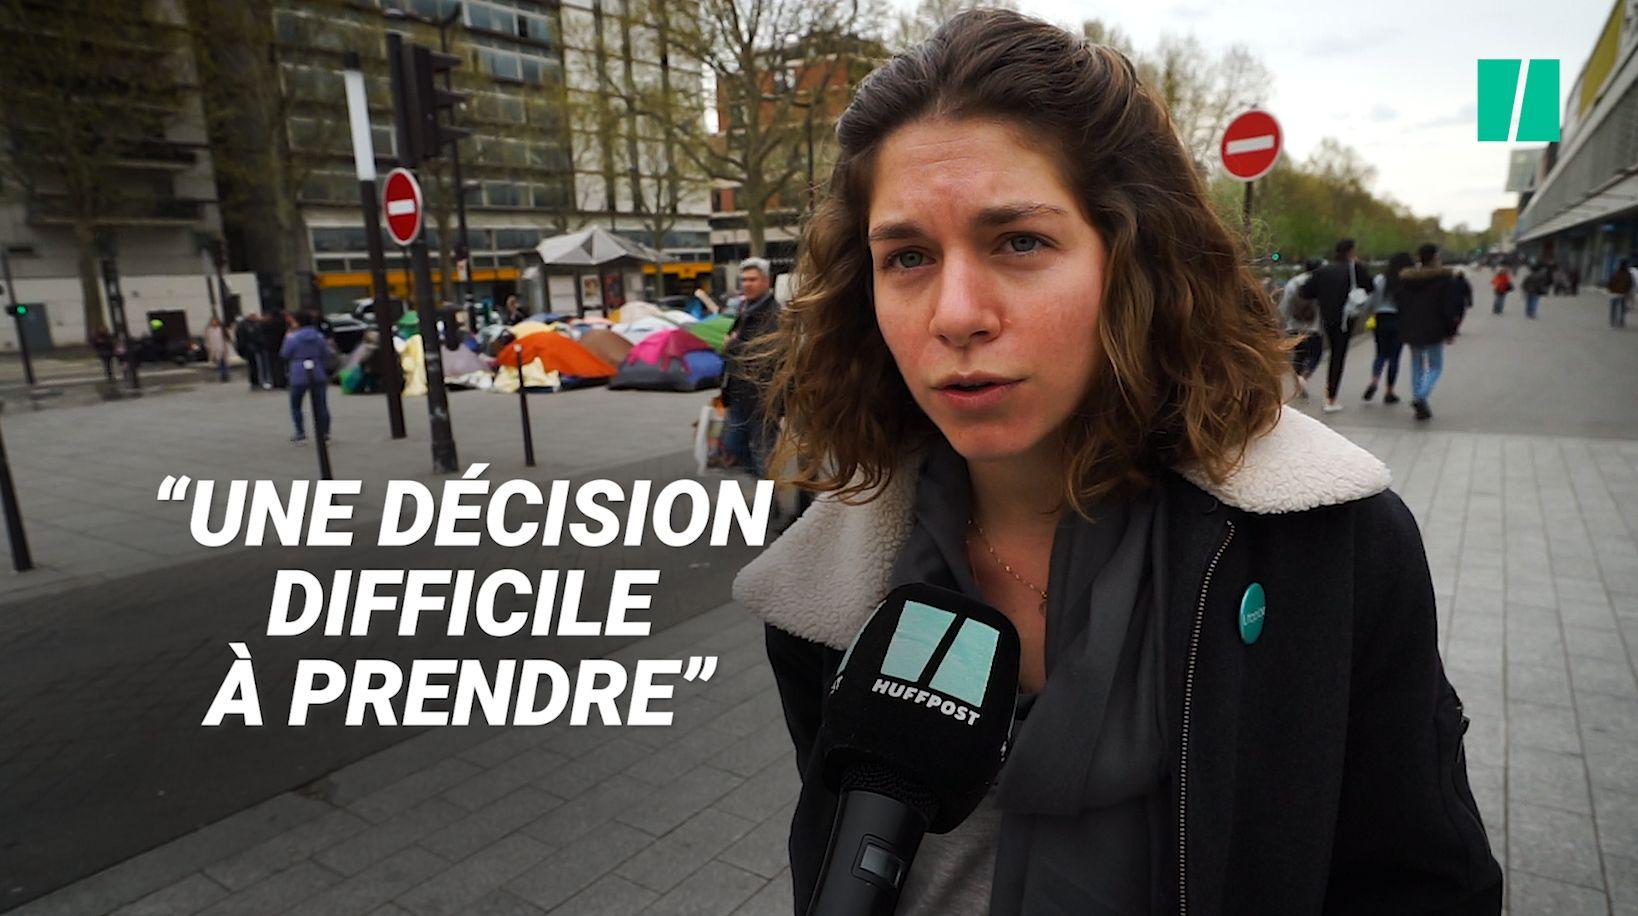 Les associations d'aide aux migrants en grève: